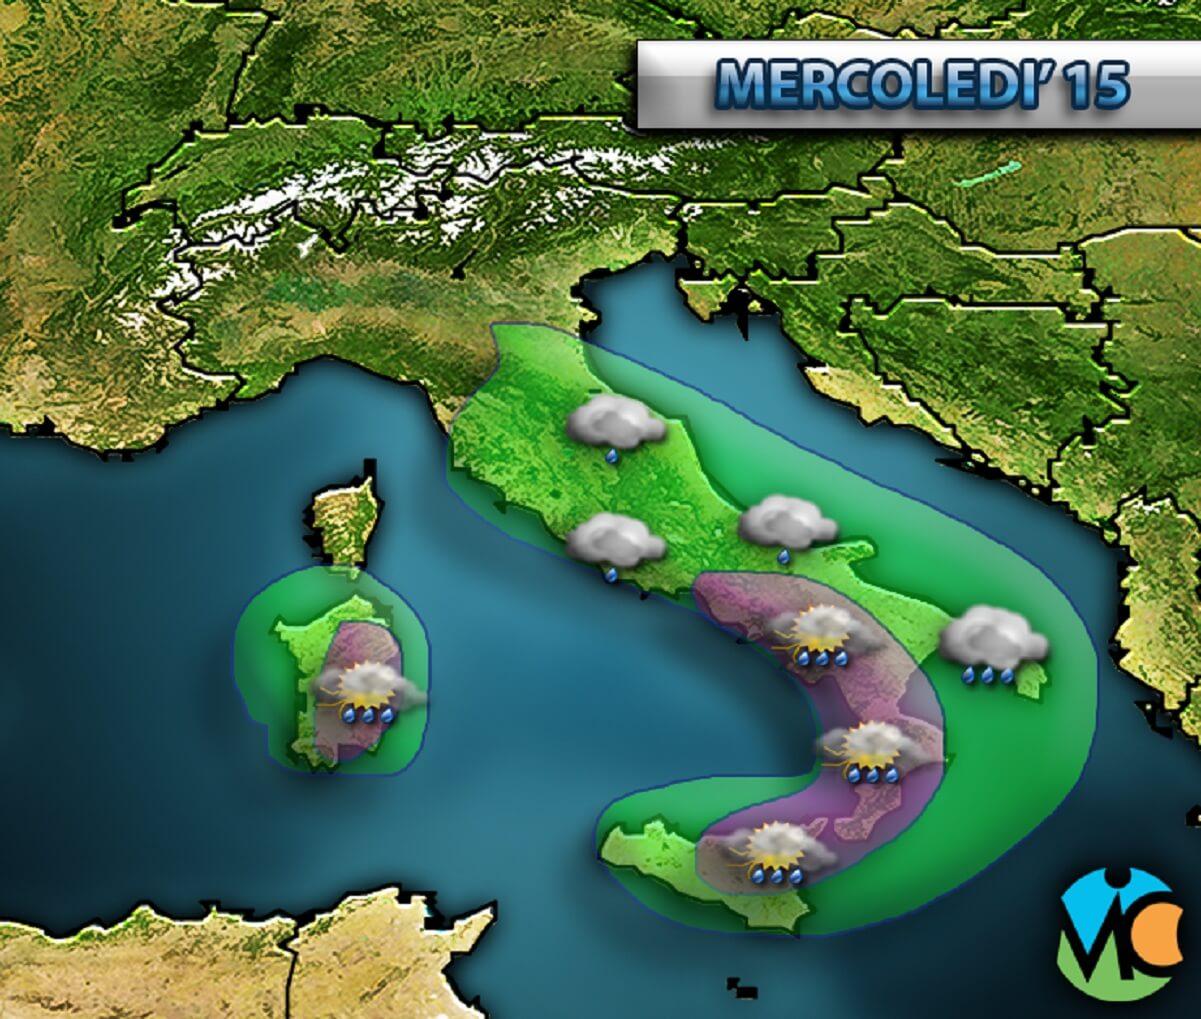 Maltempo in arrivo sulle regioni centro-meridionali d' Italia.